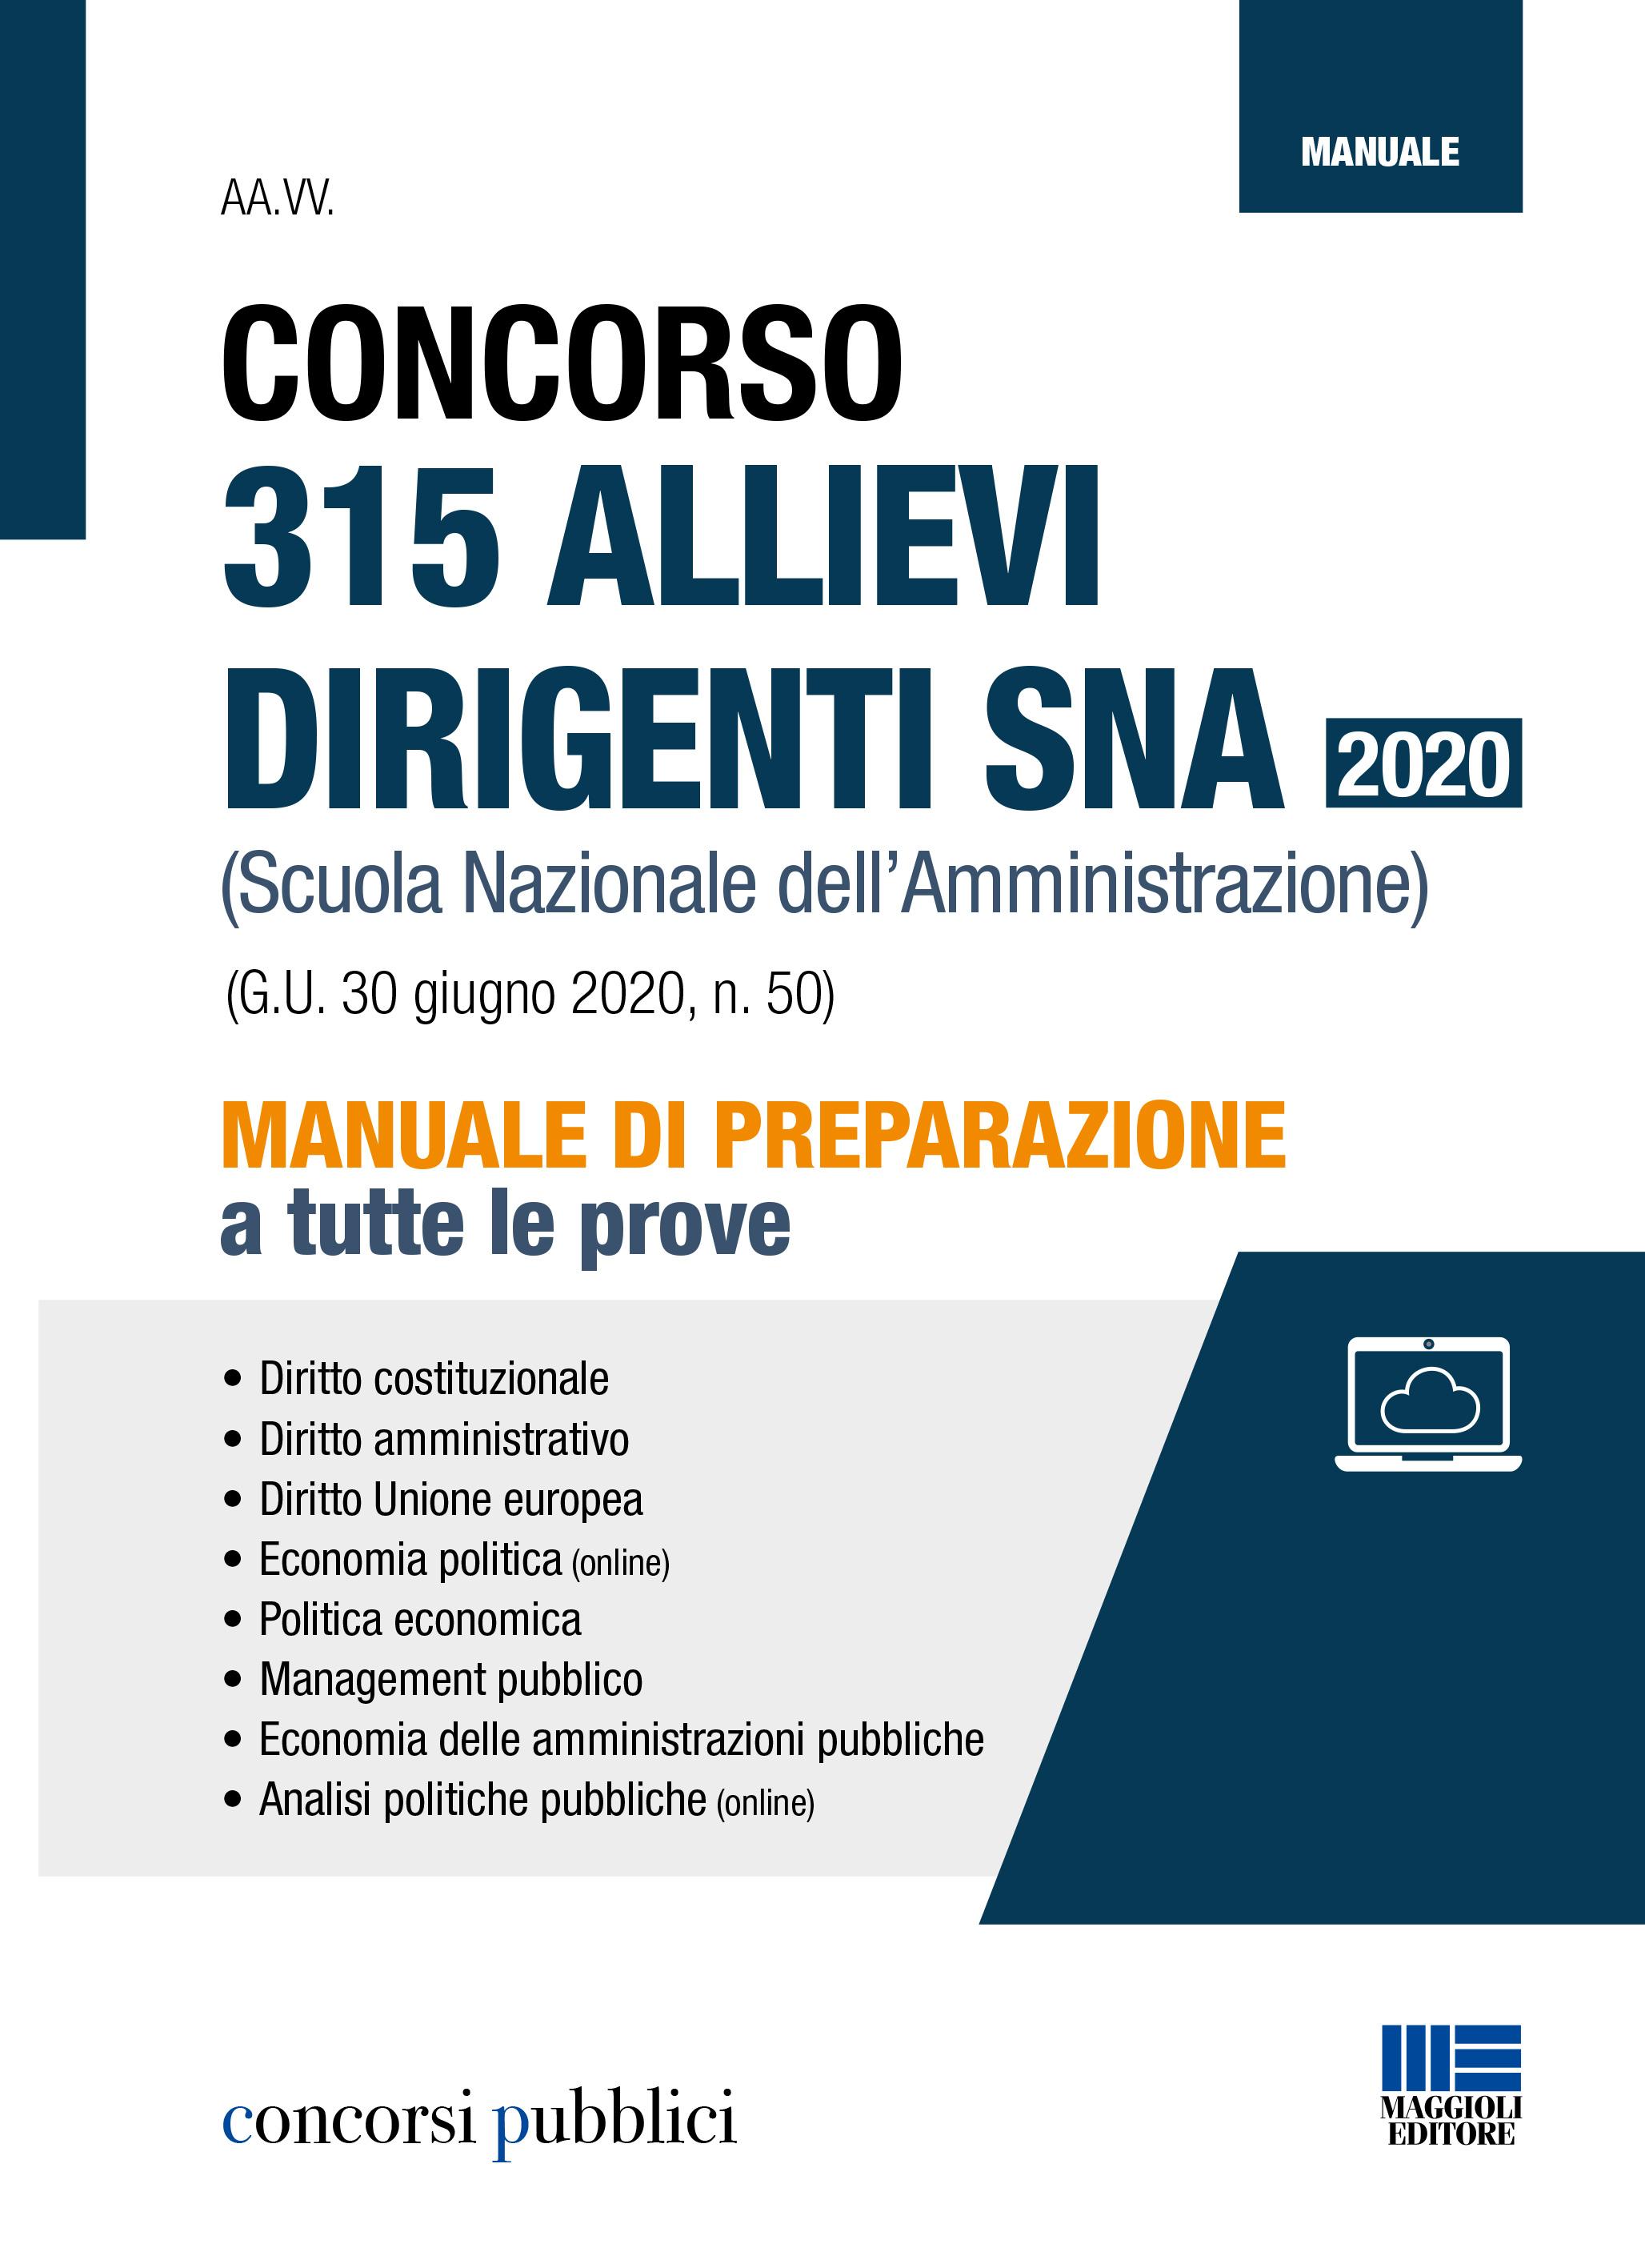 Concorso 315 Allievi Dirigenti SNA 2020